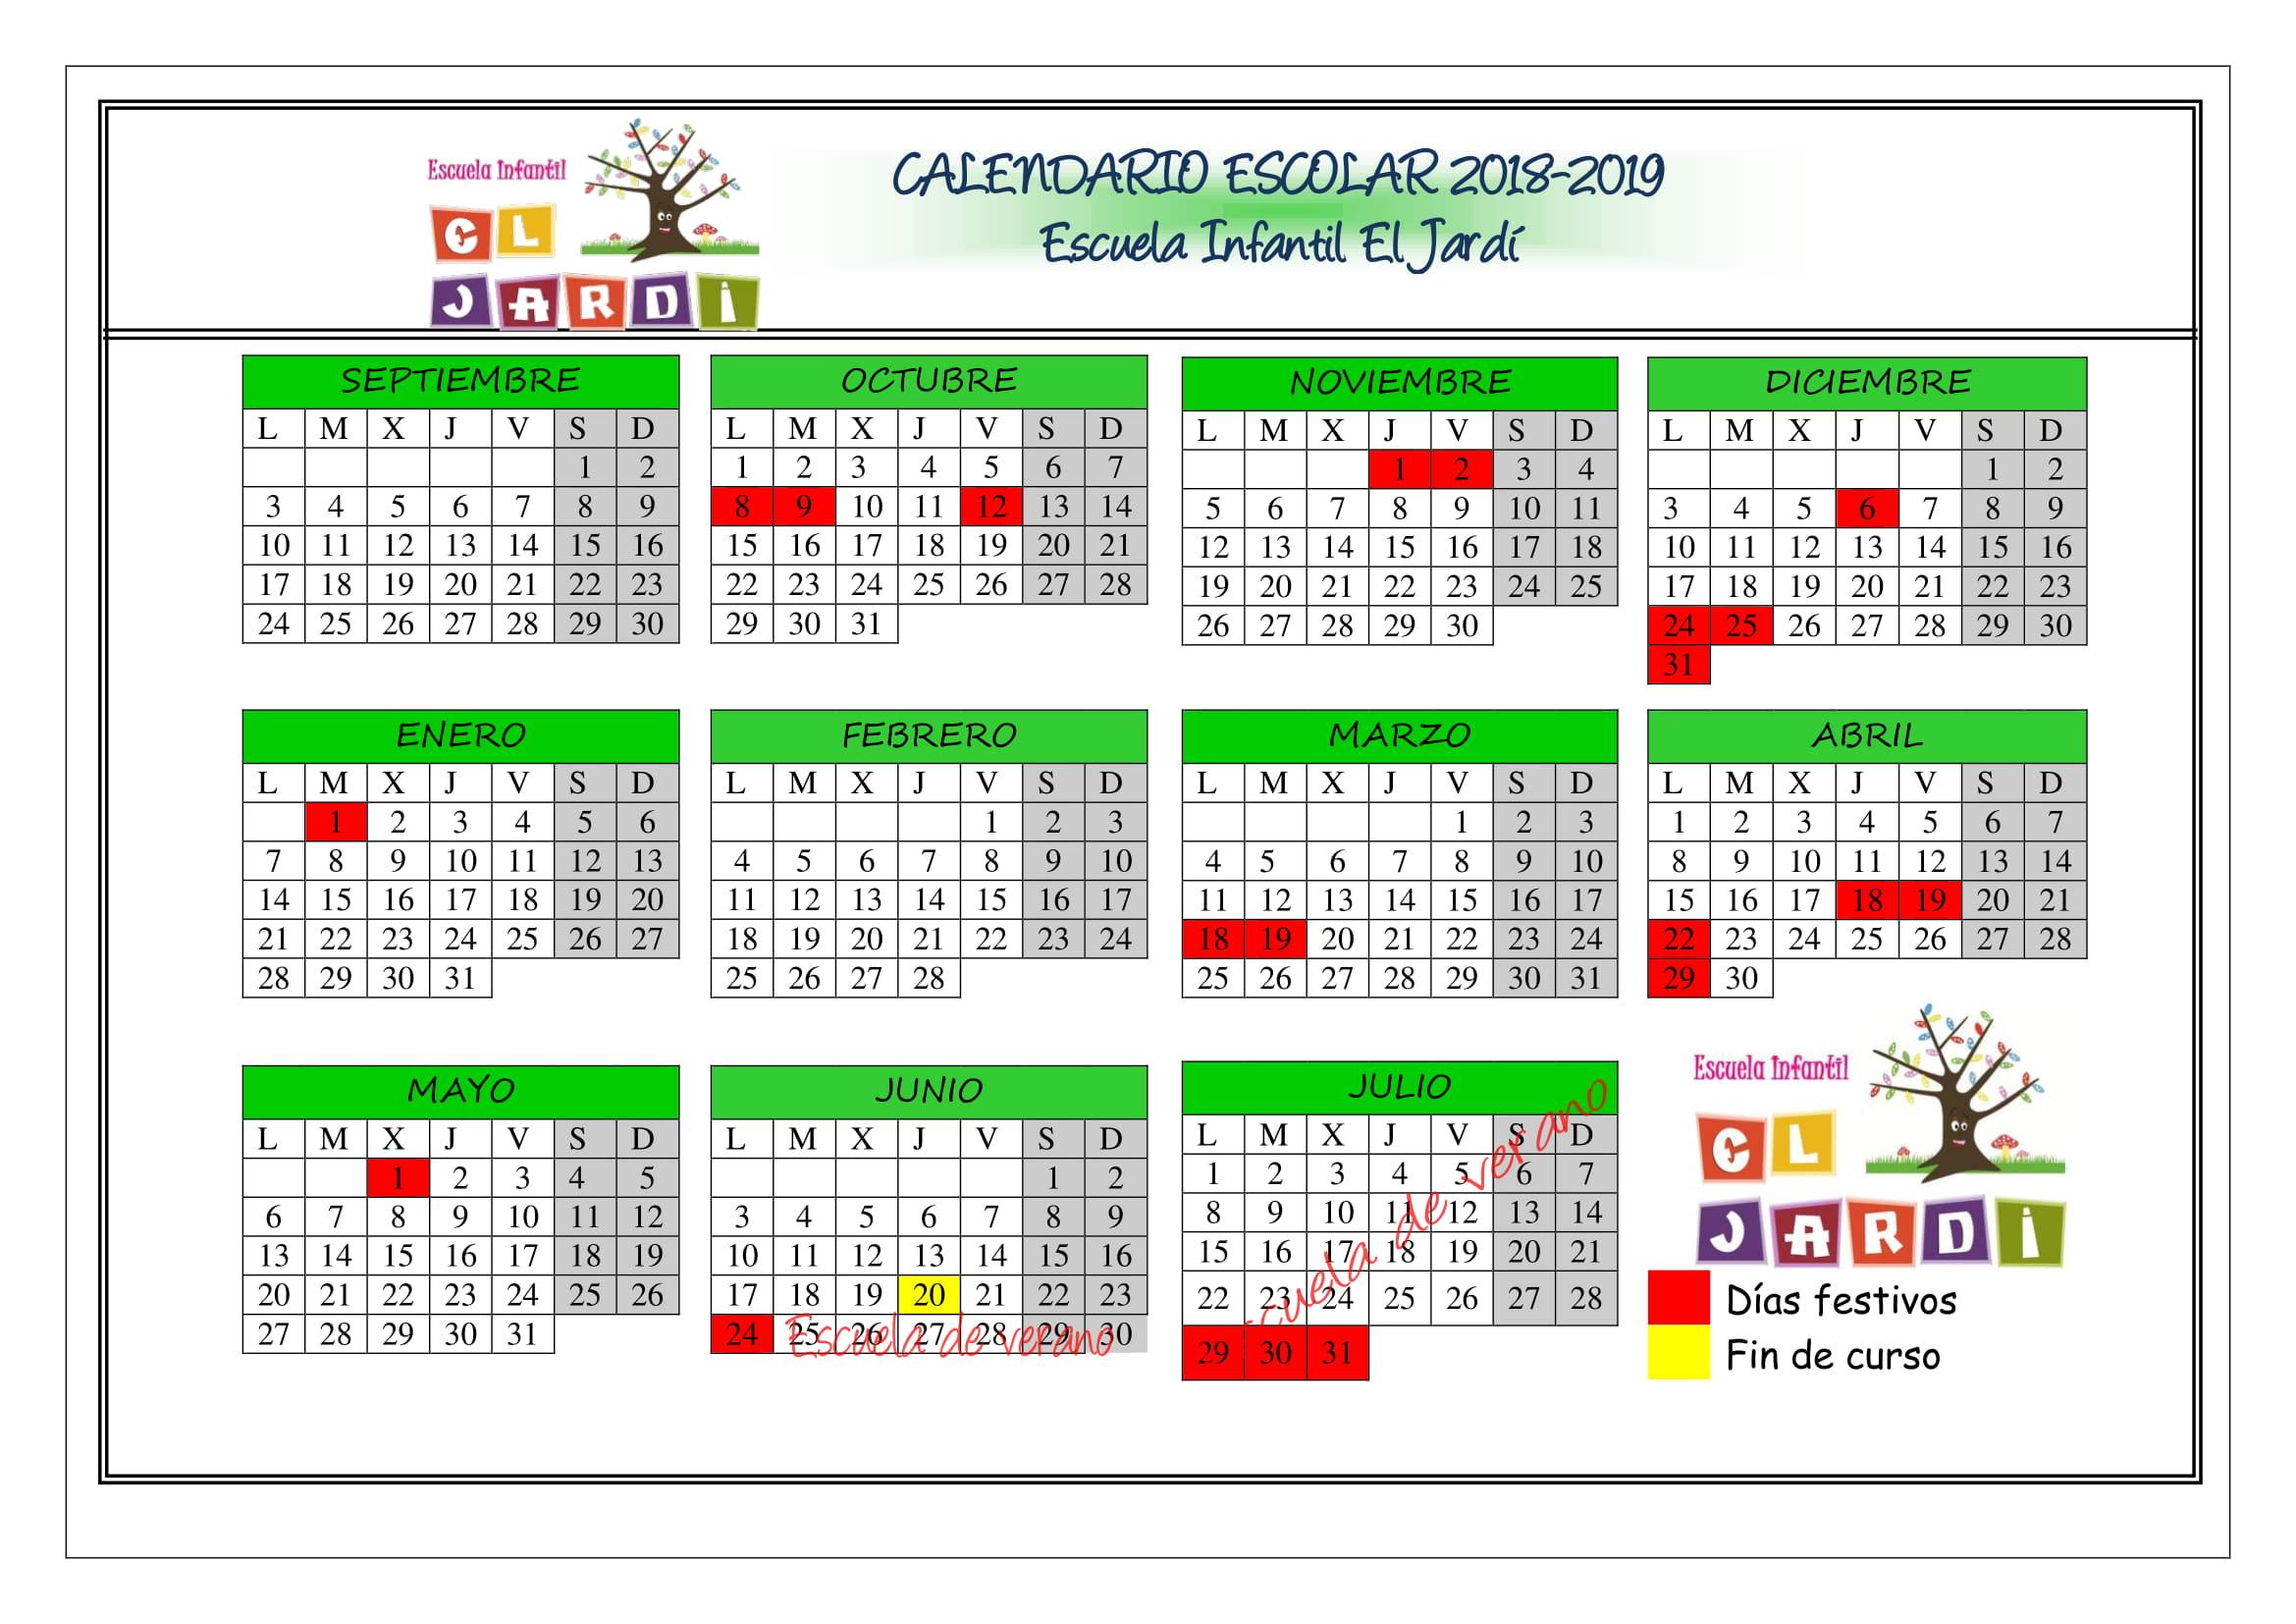 Calendario Escolar 2019 2020 Valencia.Escoleta El Jardi Escuela Infantil En La Canada Valencia